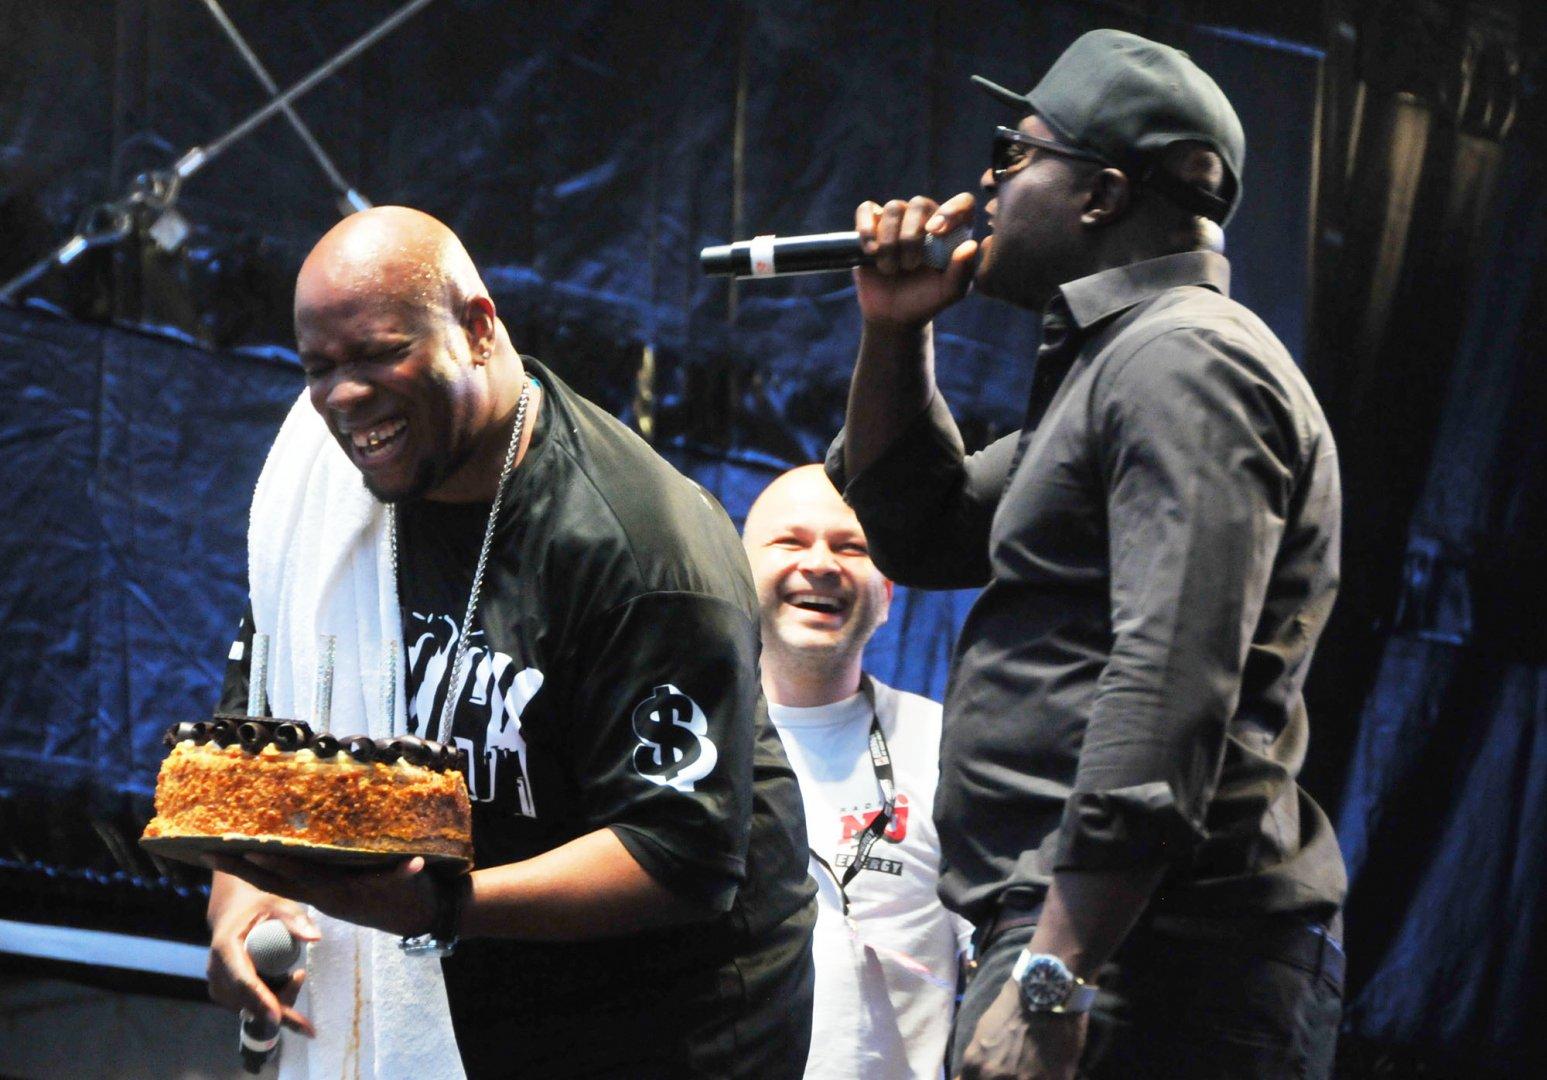 Rob Money от C-Block бе изненадан с торта по случай личния си празник. Снимки Черноморие-бг